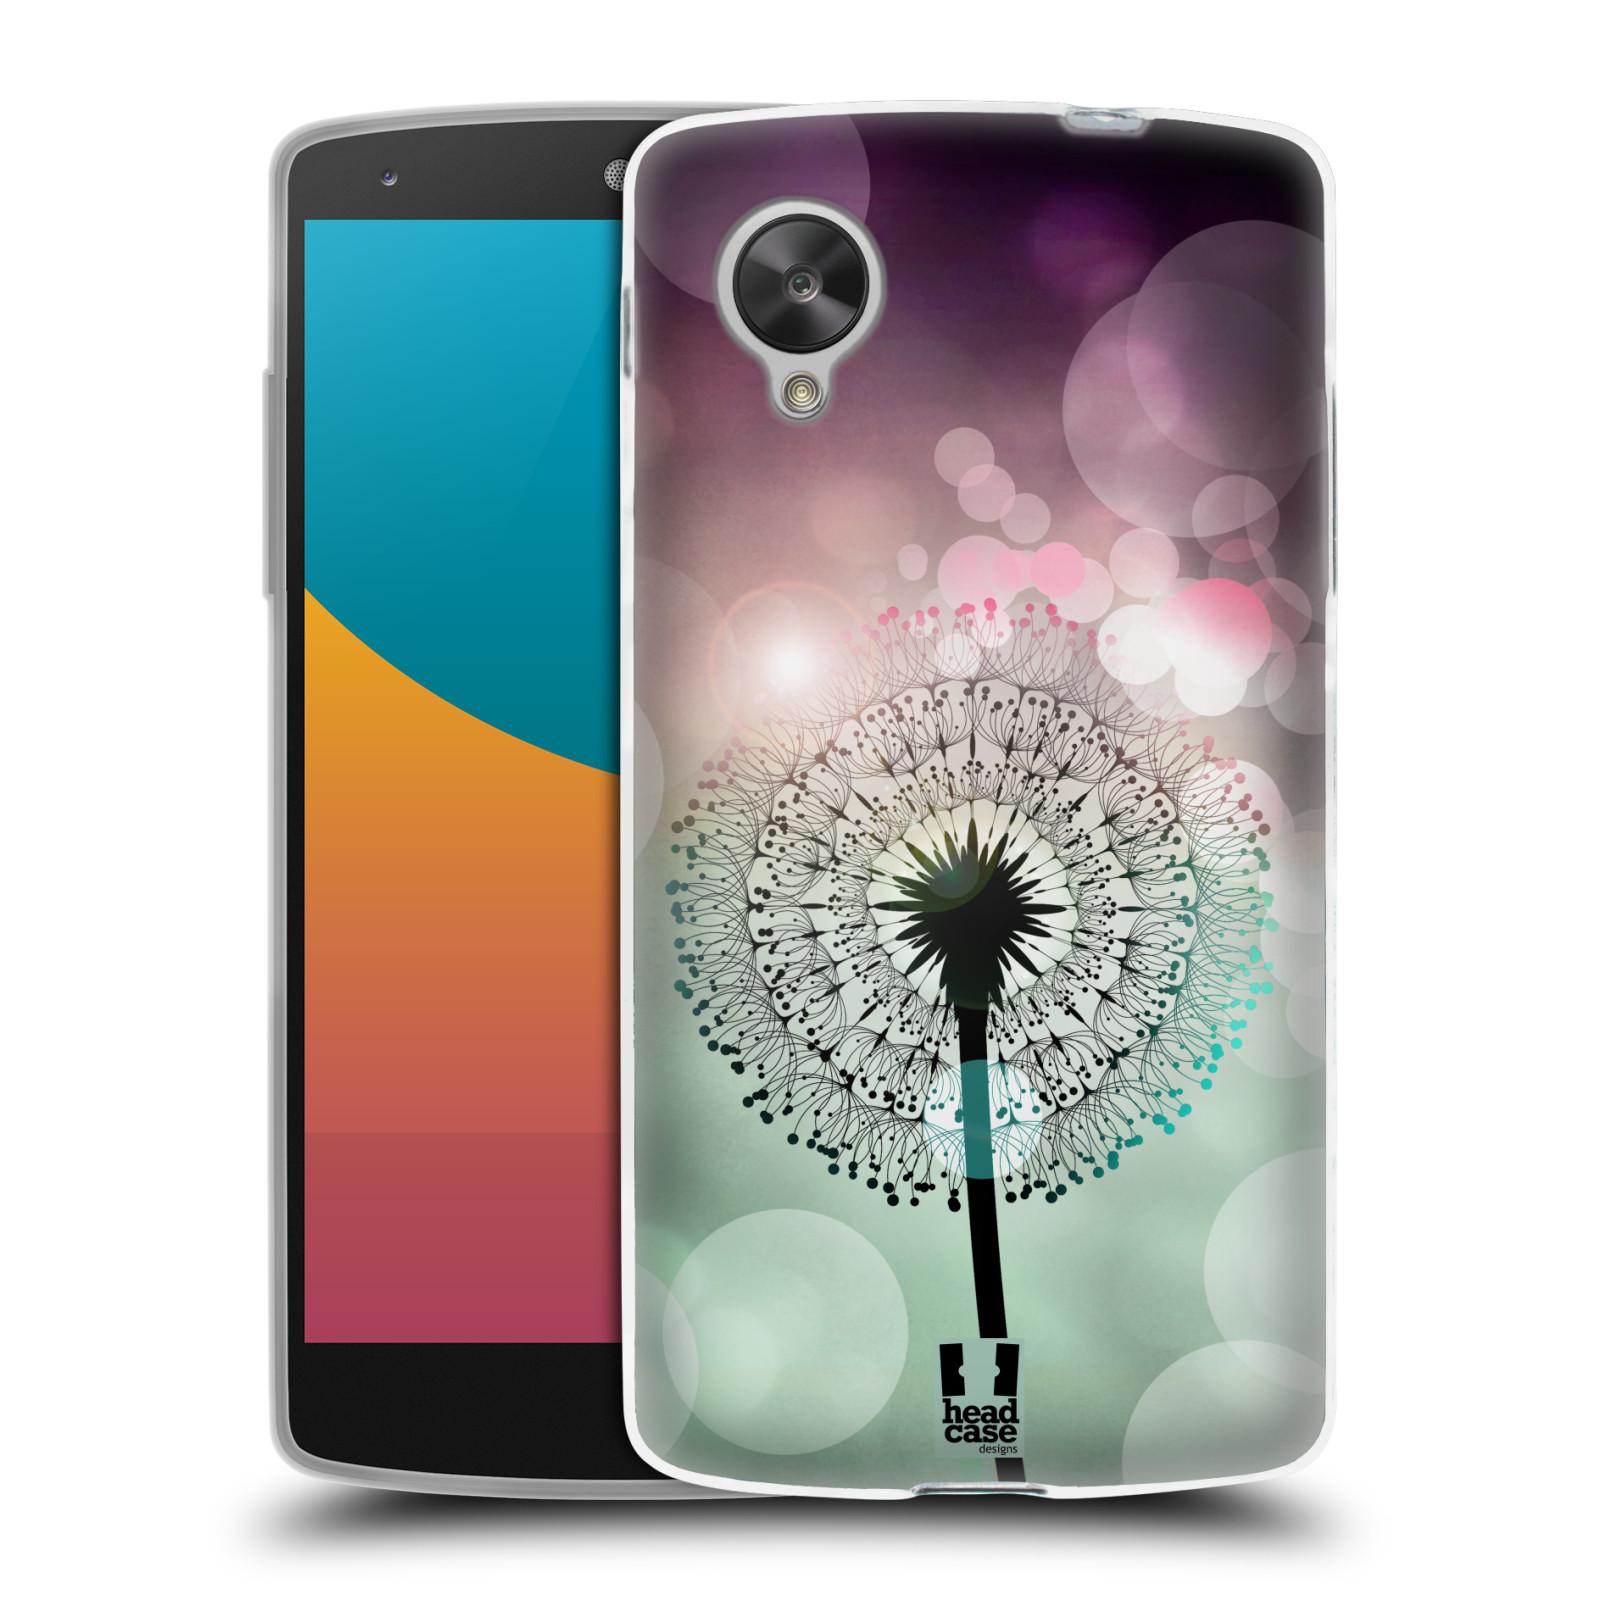 Silikonové pouzdro na mobil LG Nexus 5 HEAD CASE Pampeliškové odlesky (Silikonový kryt či obal na mobilní telefon LG Google Nexus 5 D821)